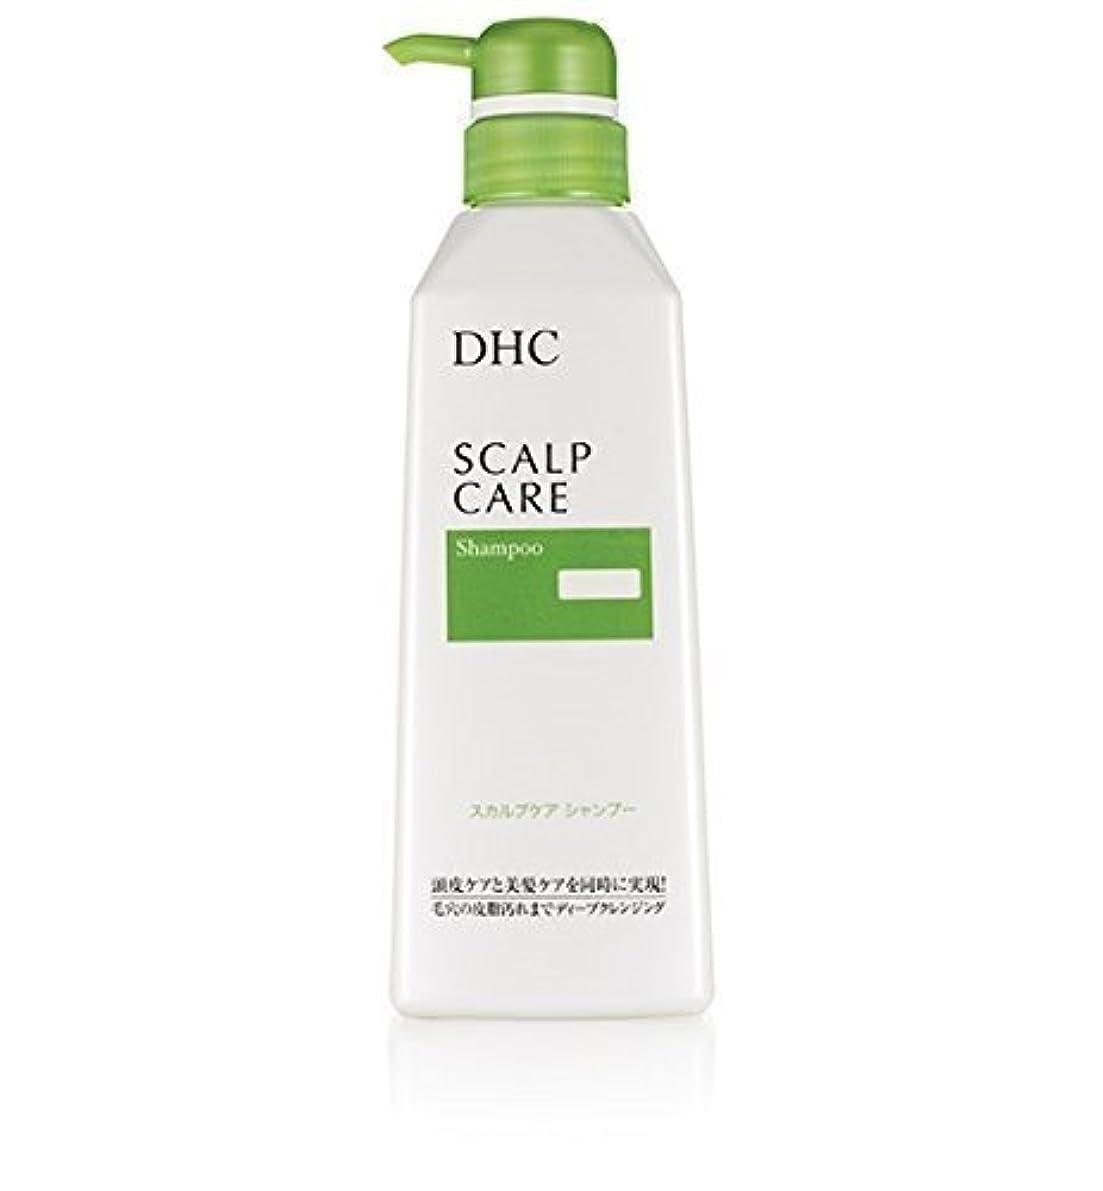 ピンポイント懺悔したい【医薬部外品】 DHC 美容相談室 DHC 薬用 スカルプケア シャンプー 550mL